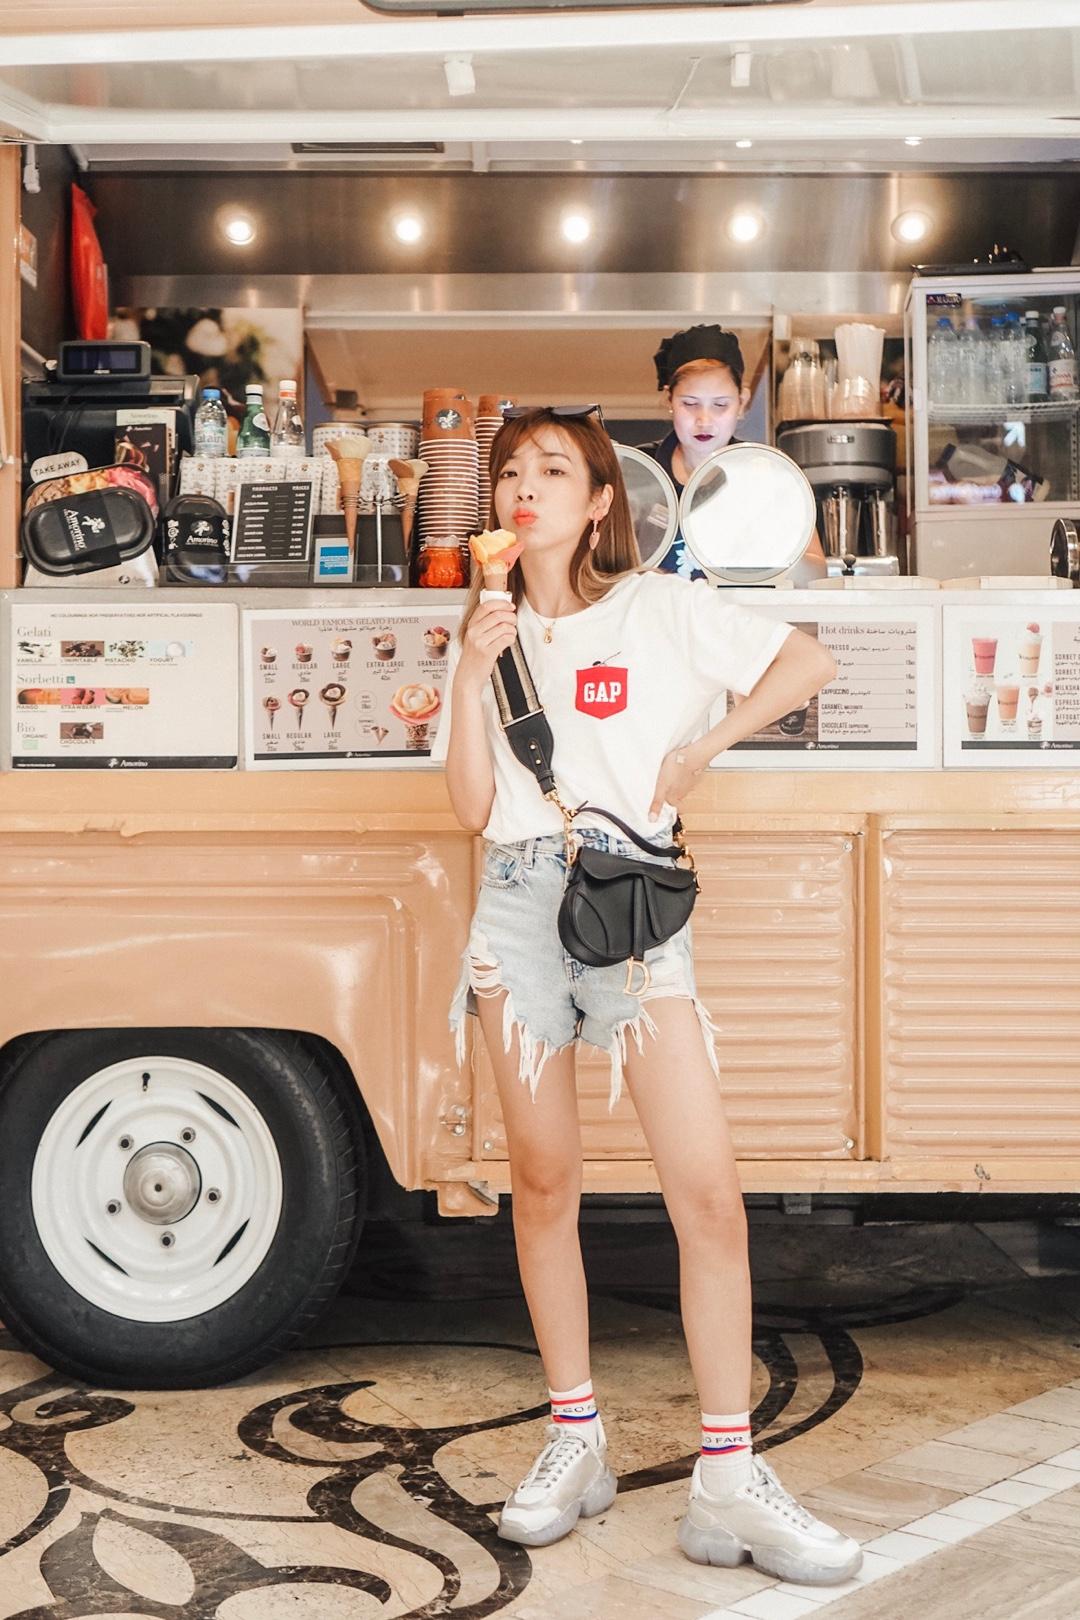 #夏装最后一波,我带你盘!# 今日穿搭:活力少女 T恤:Gap 50周年的纪念款 简单的白T加上正红色的小口袋 配色还是一如既往的经典哦! 穿上超有活力 最近都在夏末打折促销 快去看看吧! 包包:dior 鞋子:Jimmy choo 活力少女不能缺少的运动鞋哦! 这双银色的部分特别闪 人群中最闪亮的星就是你啦!